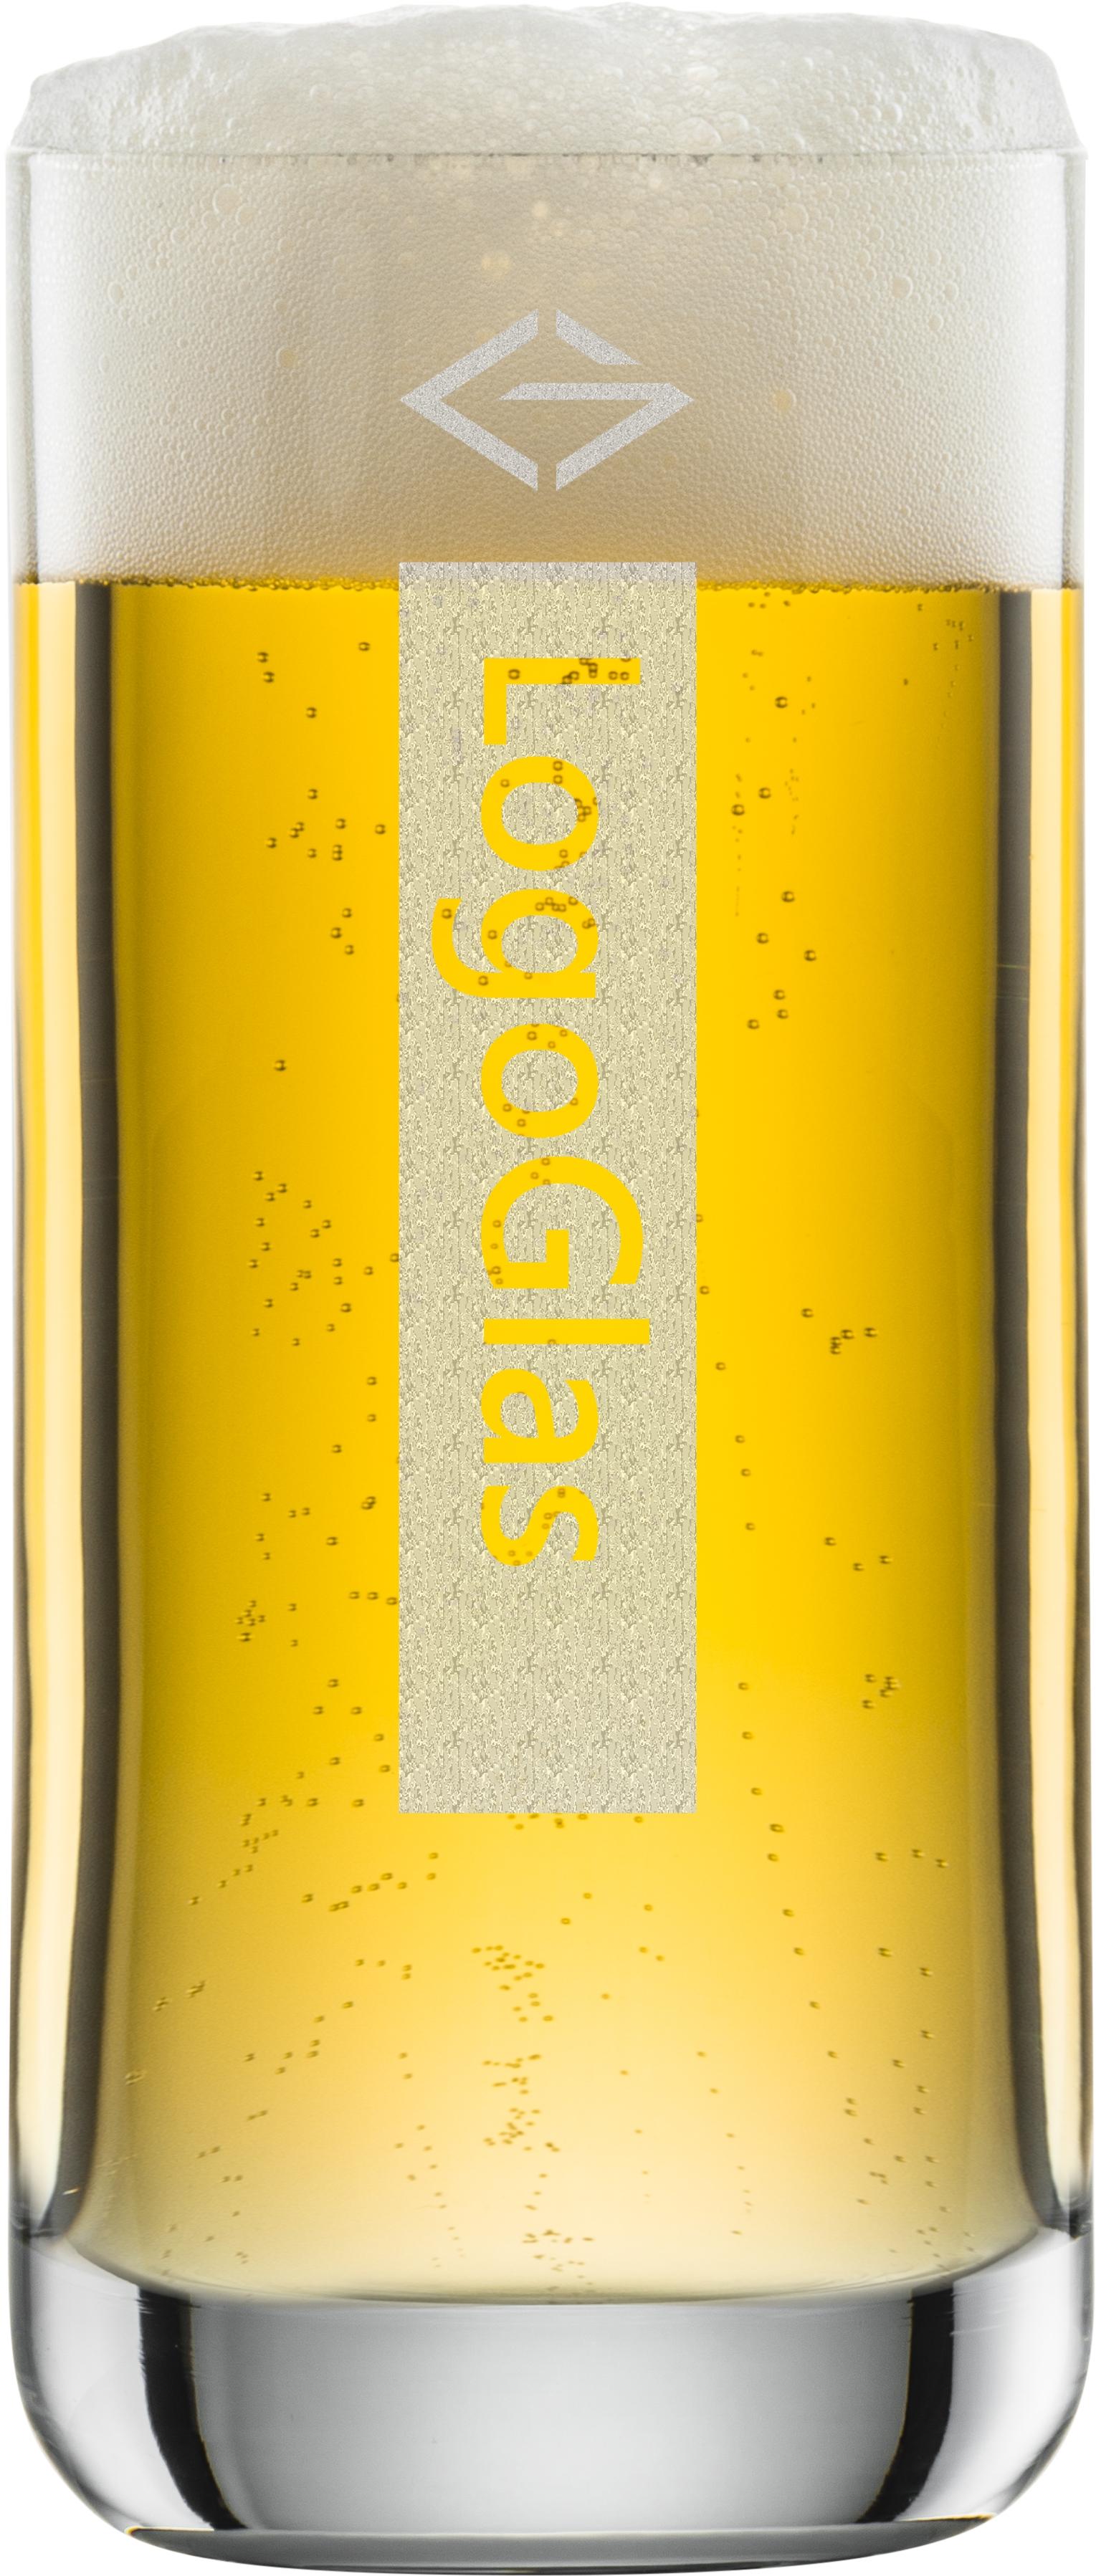 LOGO Bierglas 345ml | Schott Convention 42 |  mit Logo Gravur